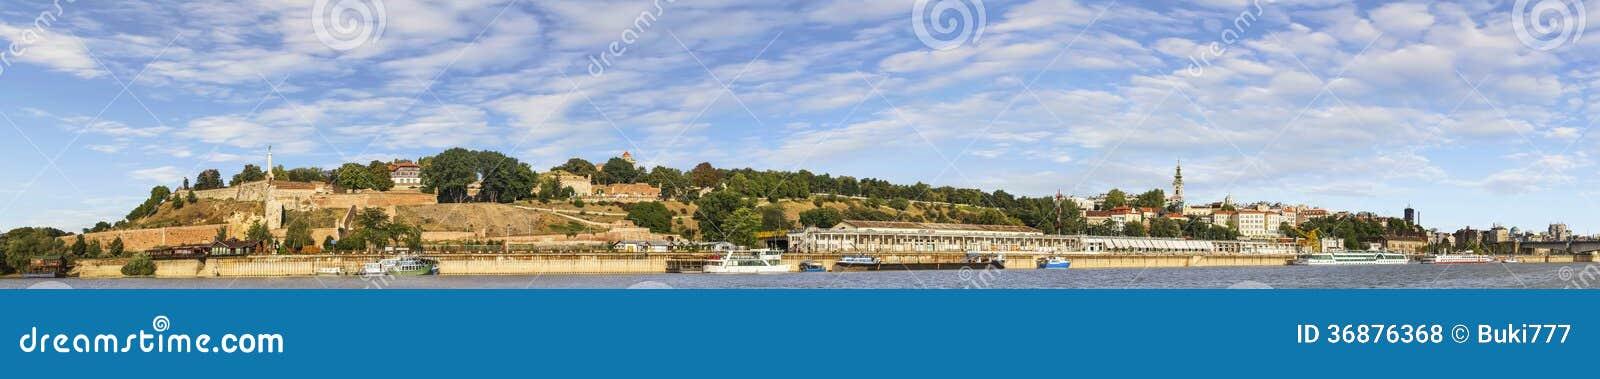 Download Panorama Di Belgrado Con La Fortezza Di Kalemegdan Ed Il Porto Nautico Turistico Su Sava River Fotografia Stock - Immagine di bacino, baldacchini: 36876368